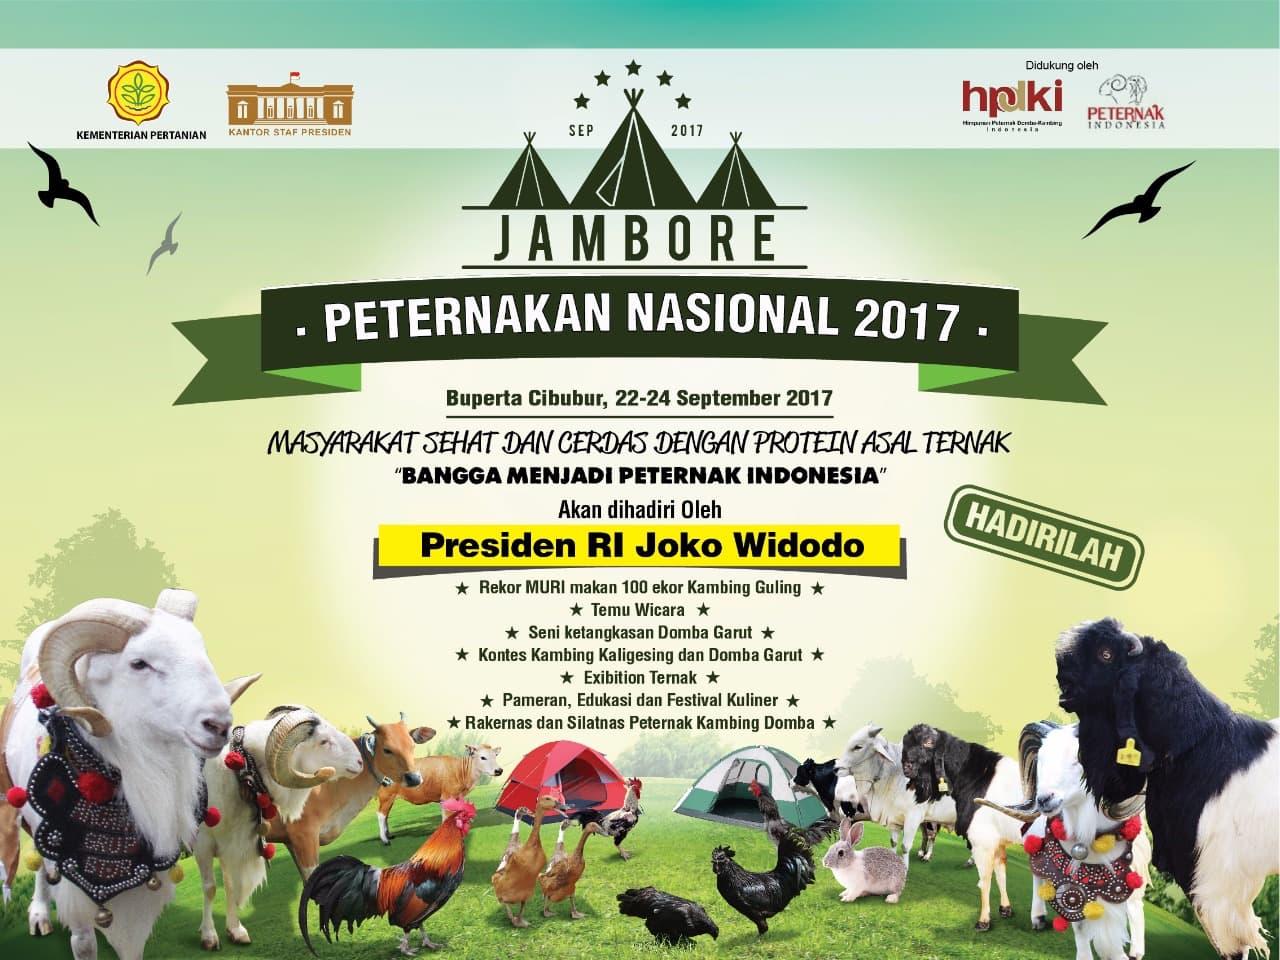 Akhir Pekan Ini, Jambore Peternakan Nasional Digelar di Cibubur